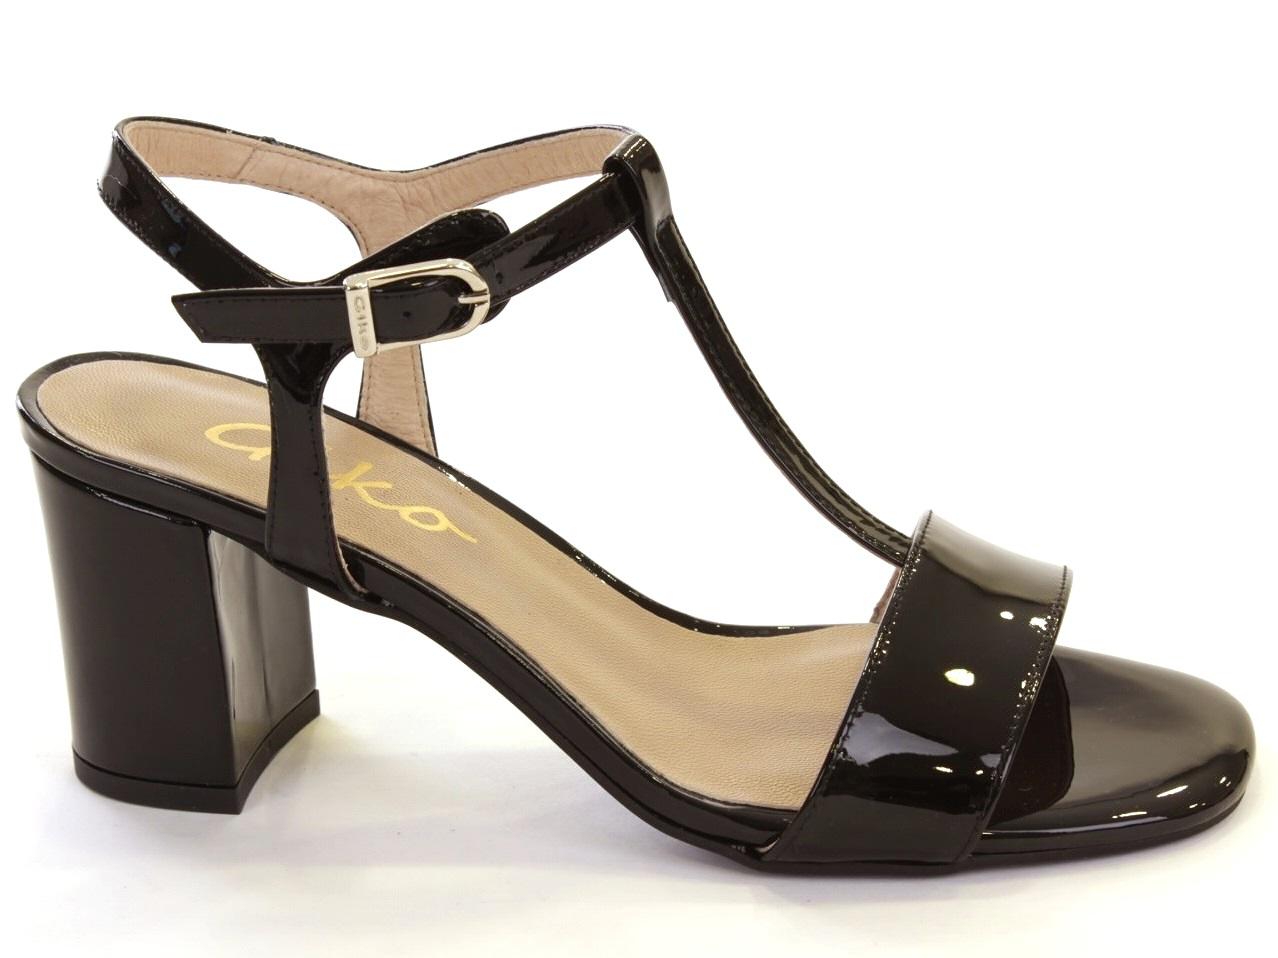 Sandalias de Tacón Giko - 476 14553